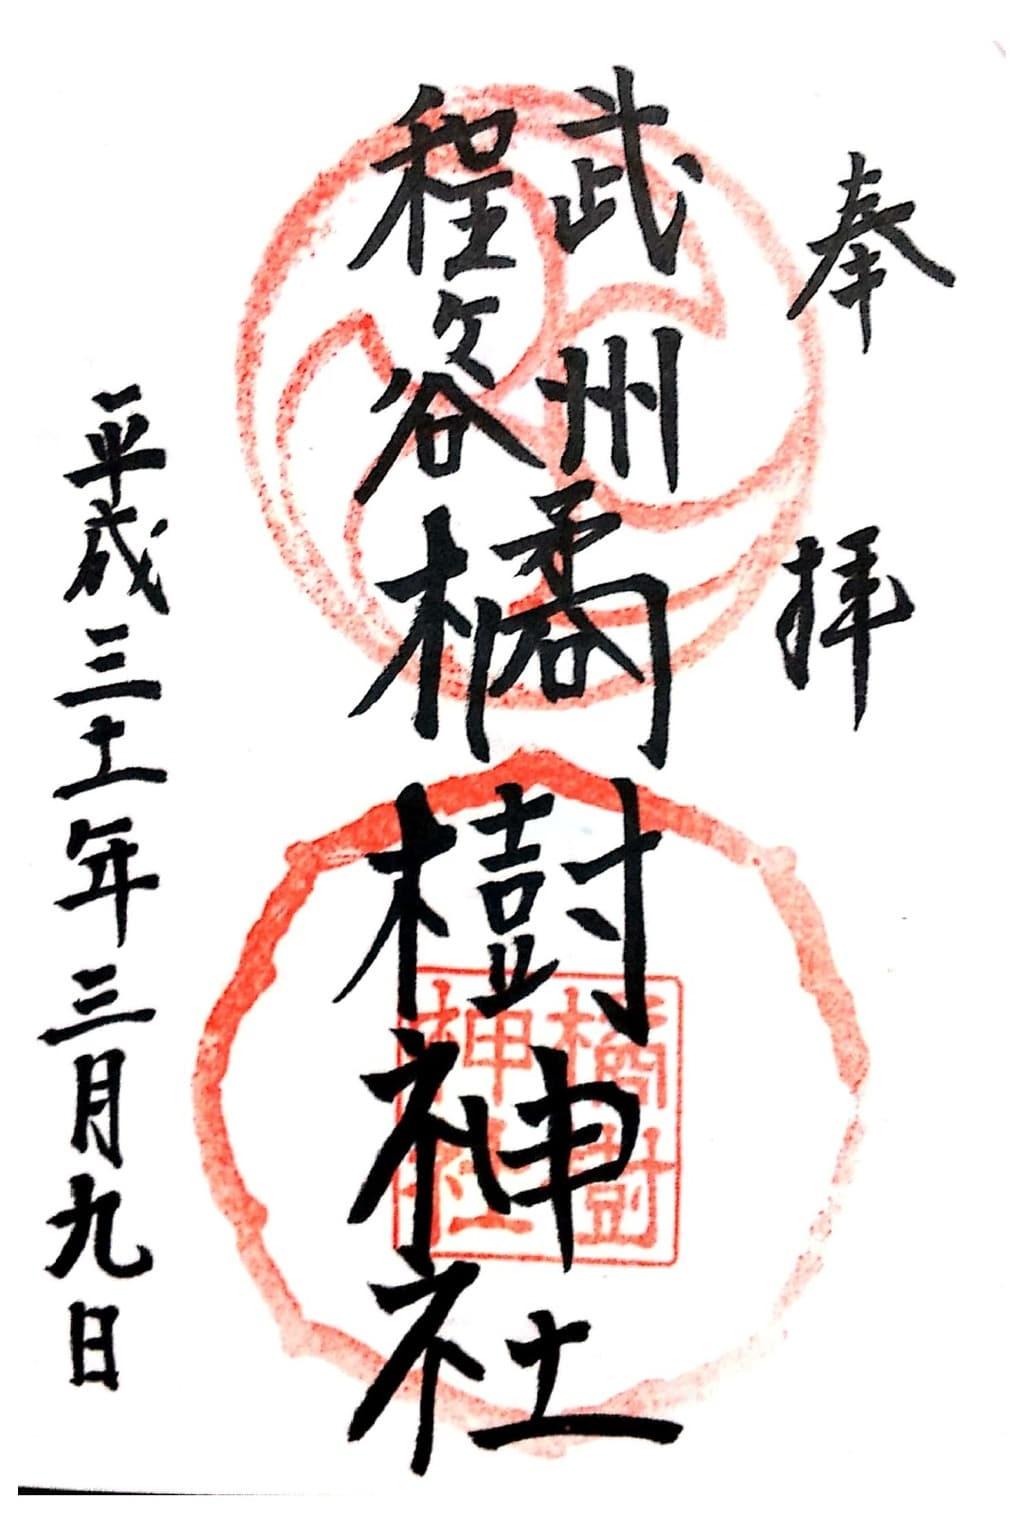 橘樹神社の御朱印